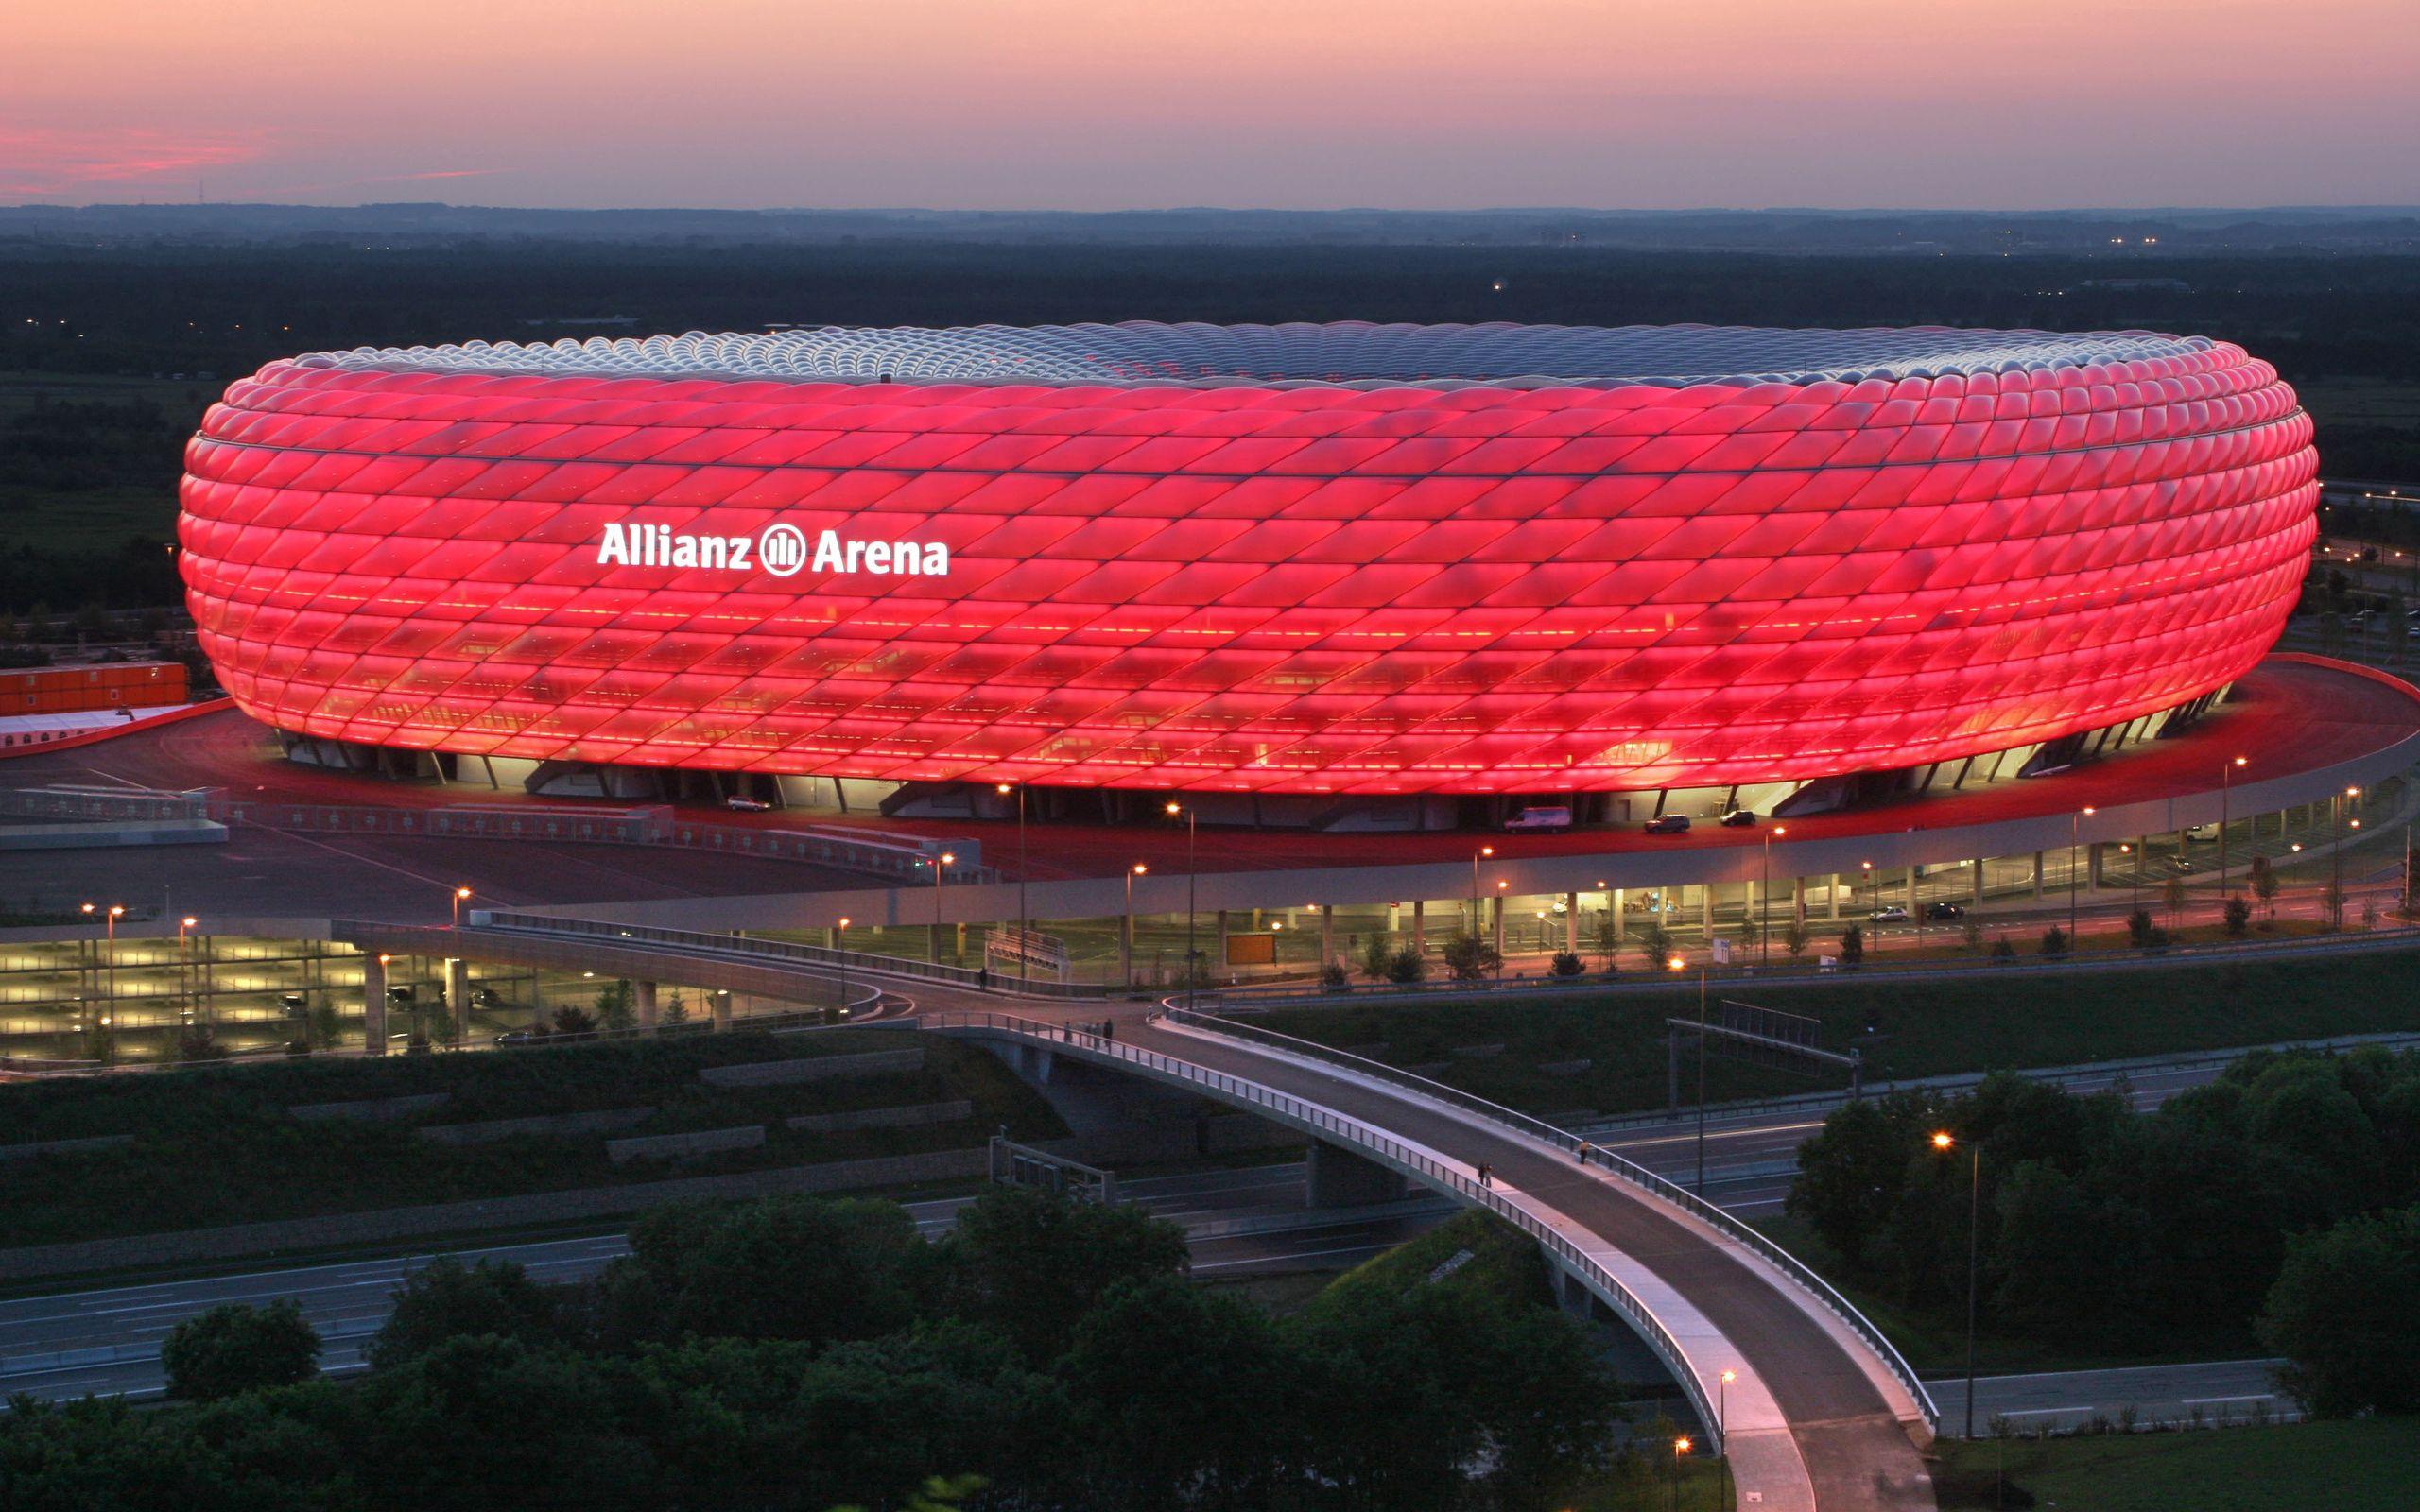 157898 скачать обои Спорт, Мюнхен, Германия, Allianz Arena, Munich, Stadium, Germany, Альянц Арена - заставки и картинки бесплатно